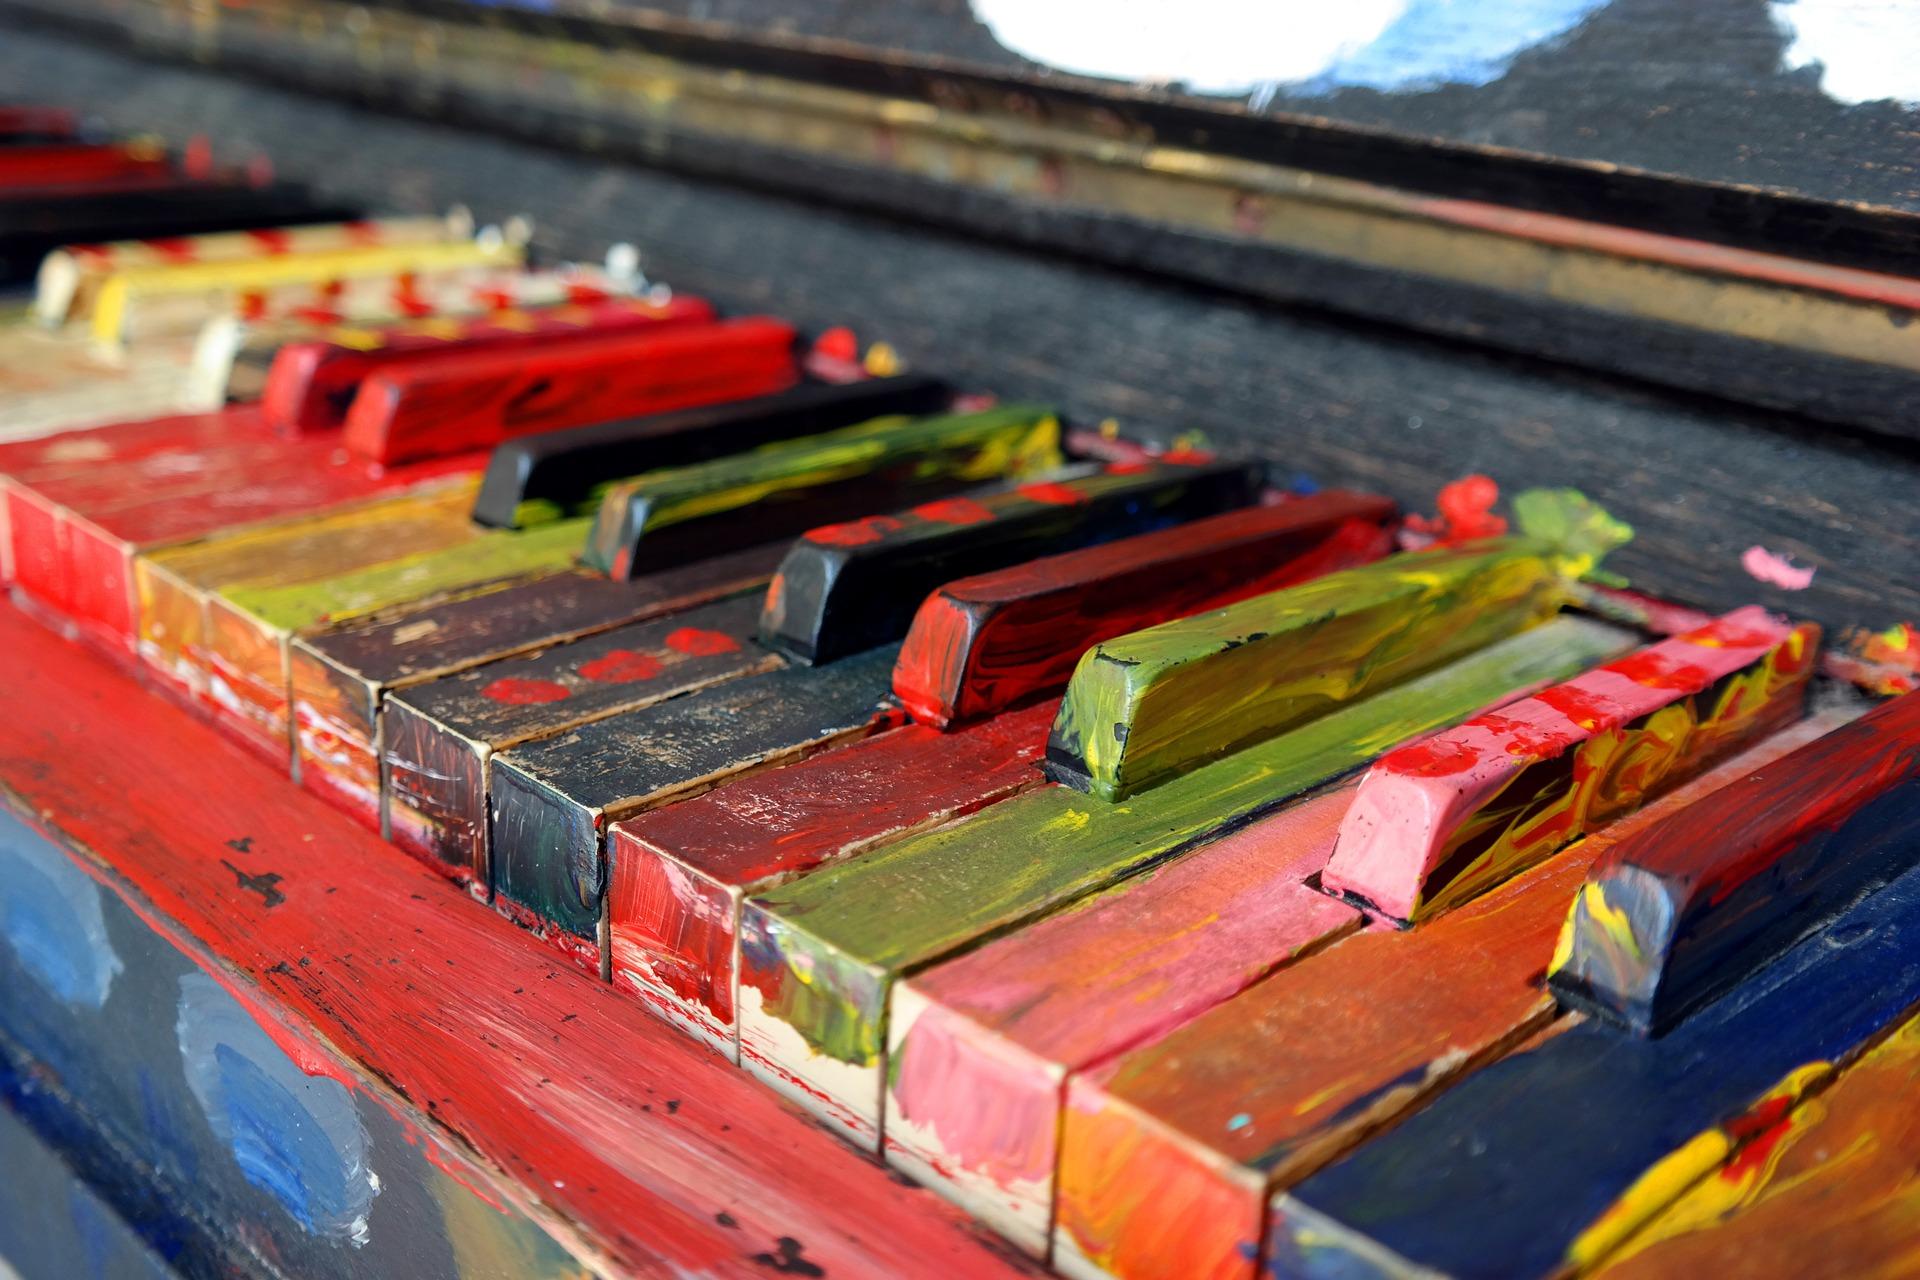 Piano et veil musicale ecole de musique imagine - Cours de piano montpellier ...